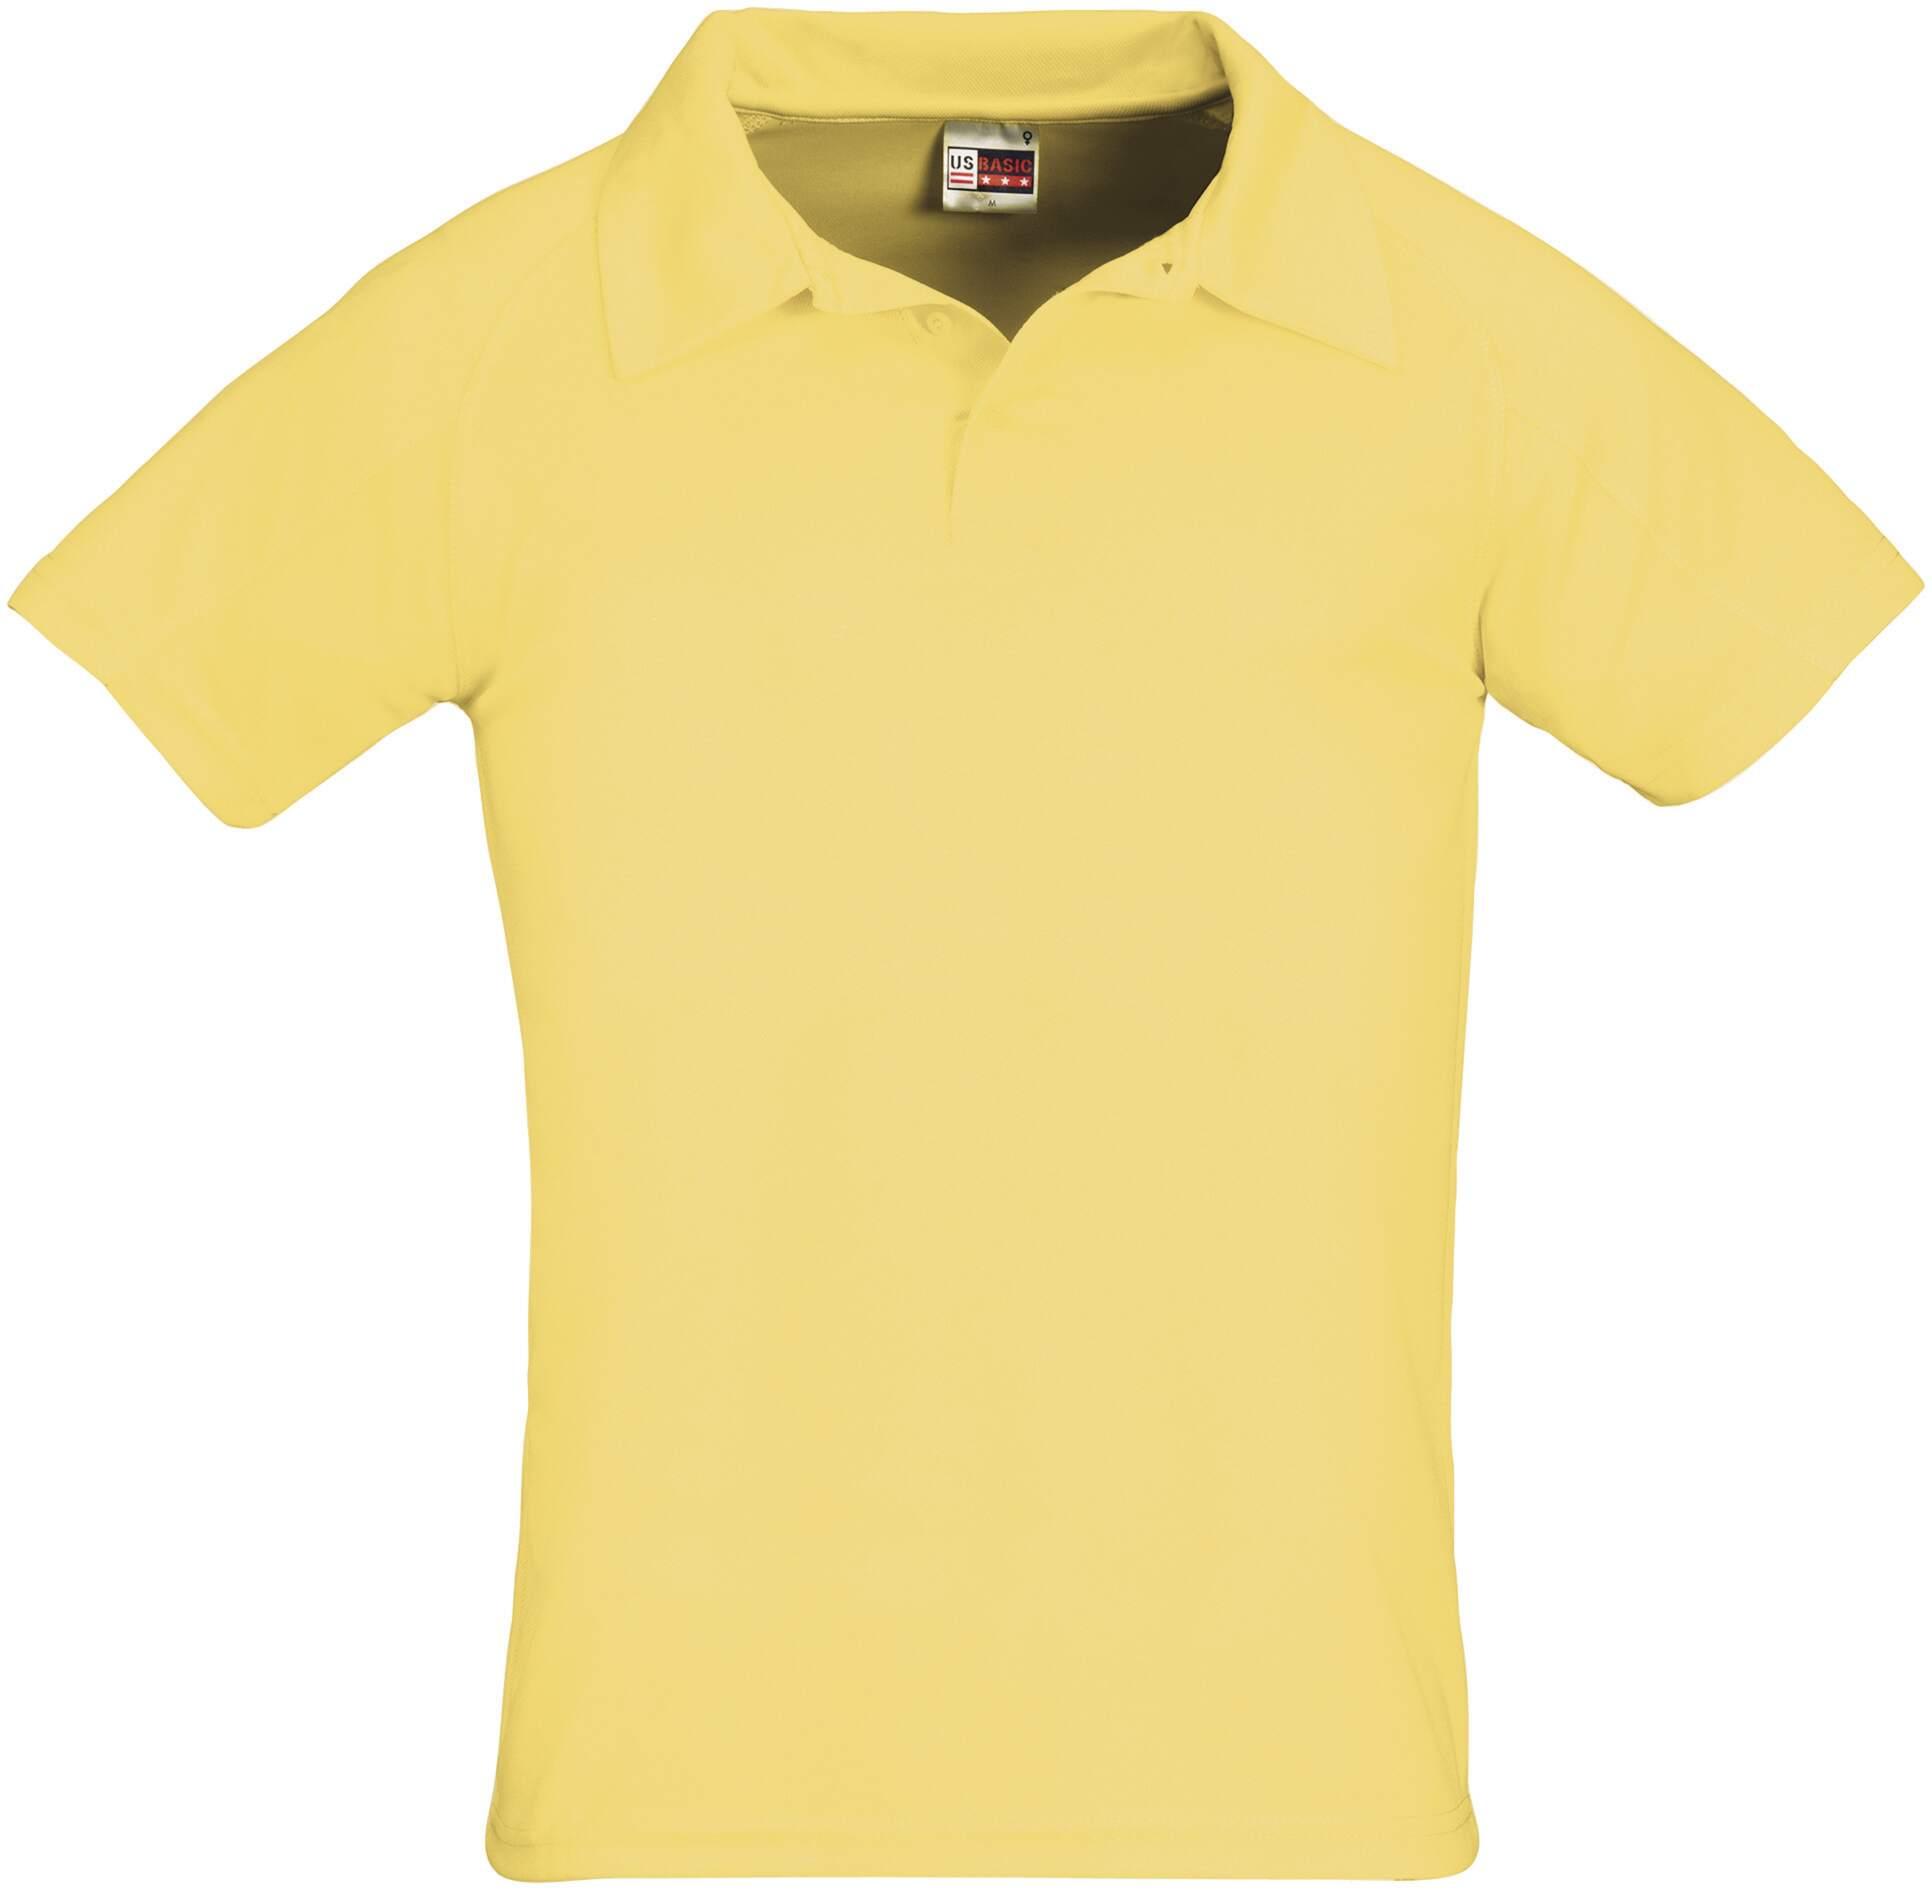 Koszulku Polo US 31098 Cool Fit - 31098_żółty_US - Kolor: Żółty